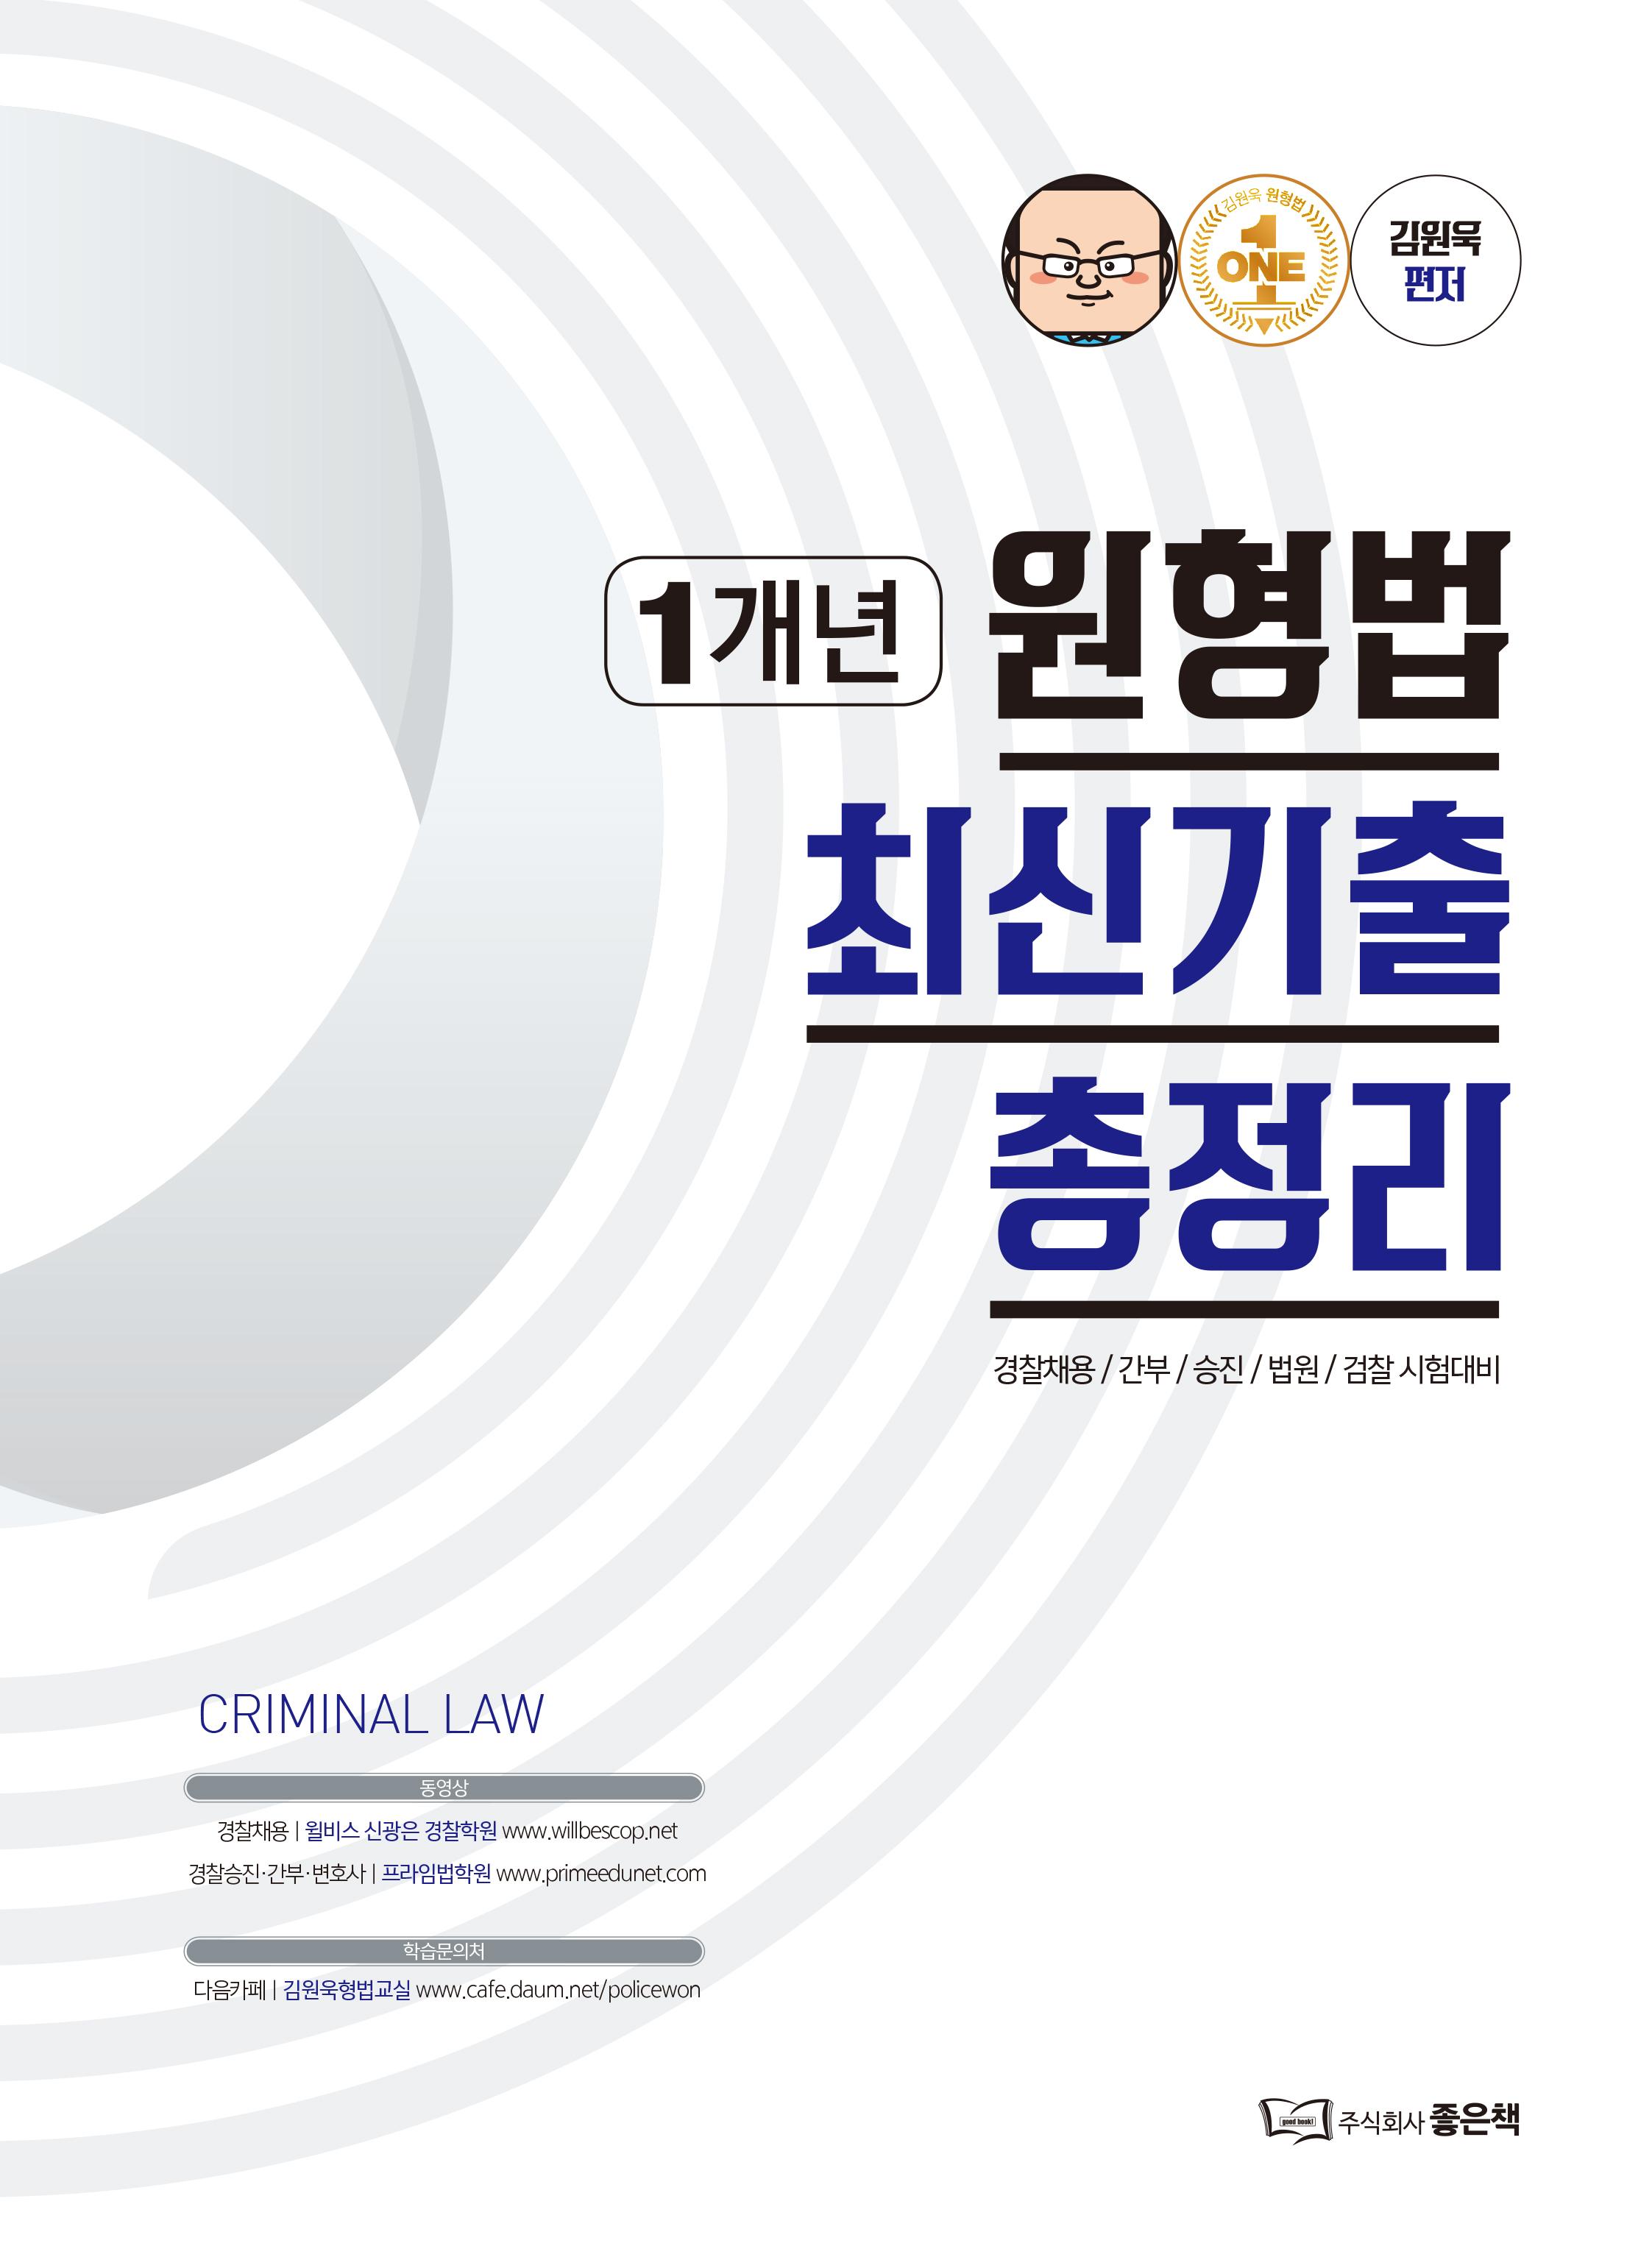 김원욱 1개년 원형법 최신 기출총정리